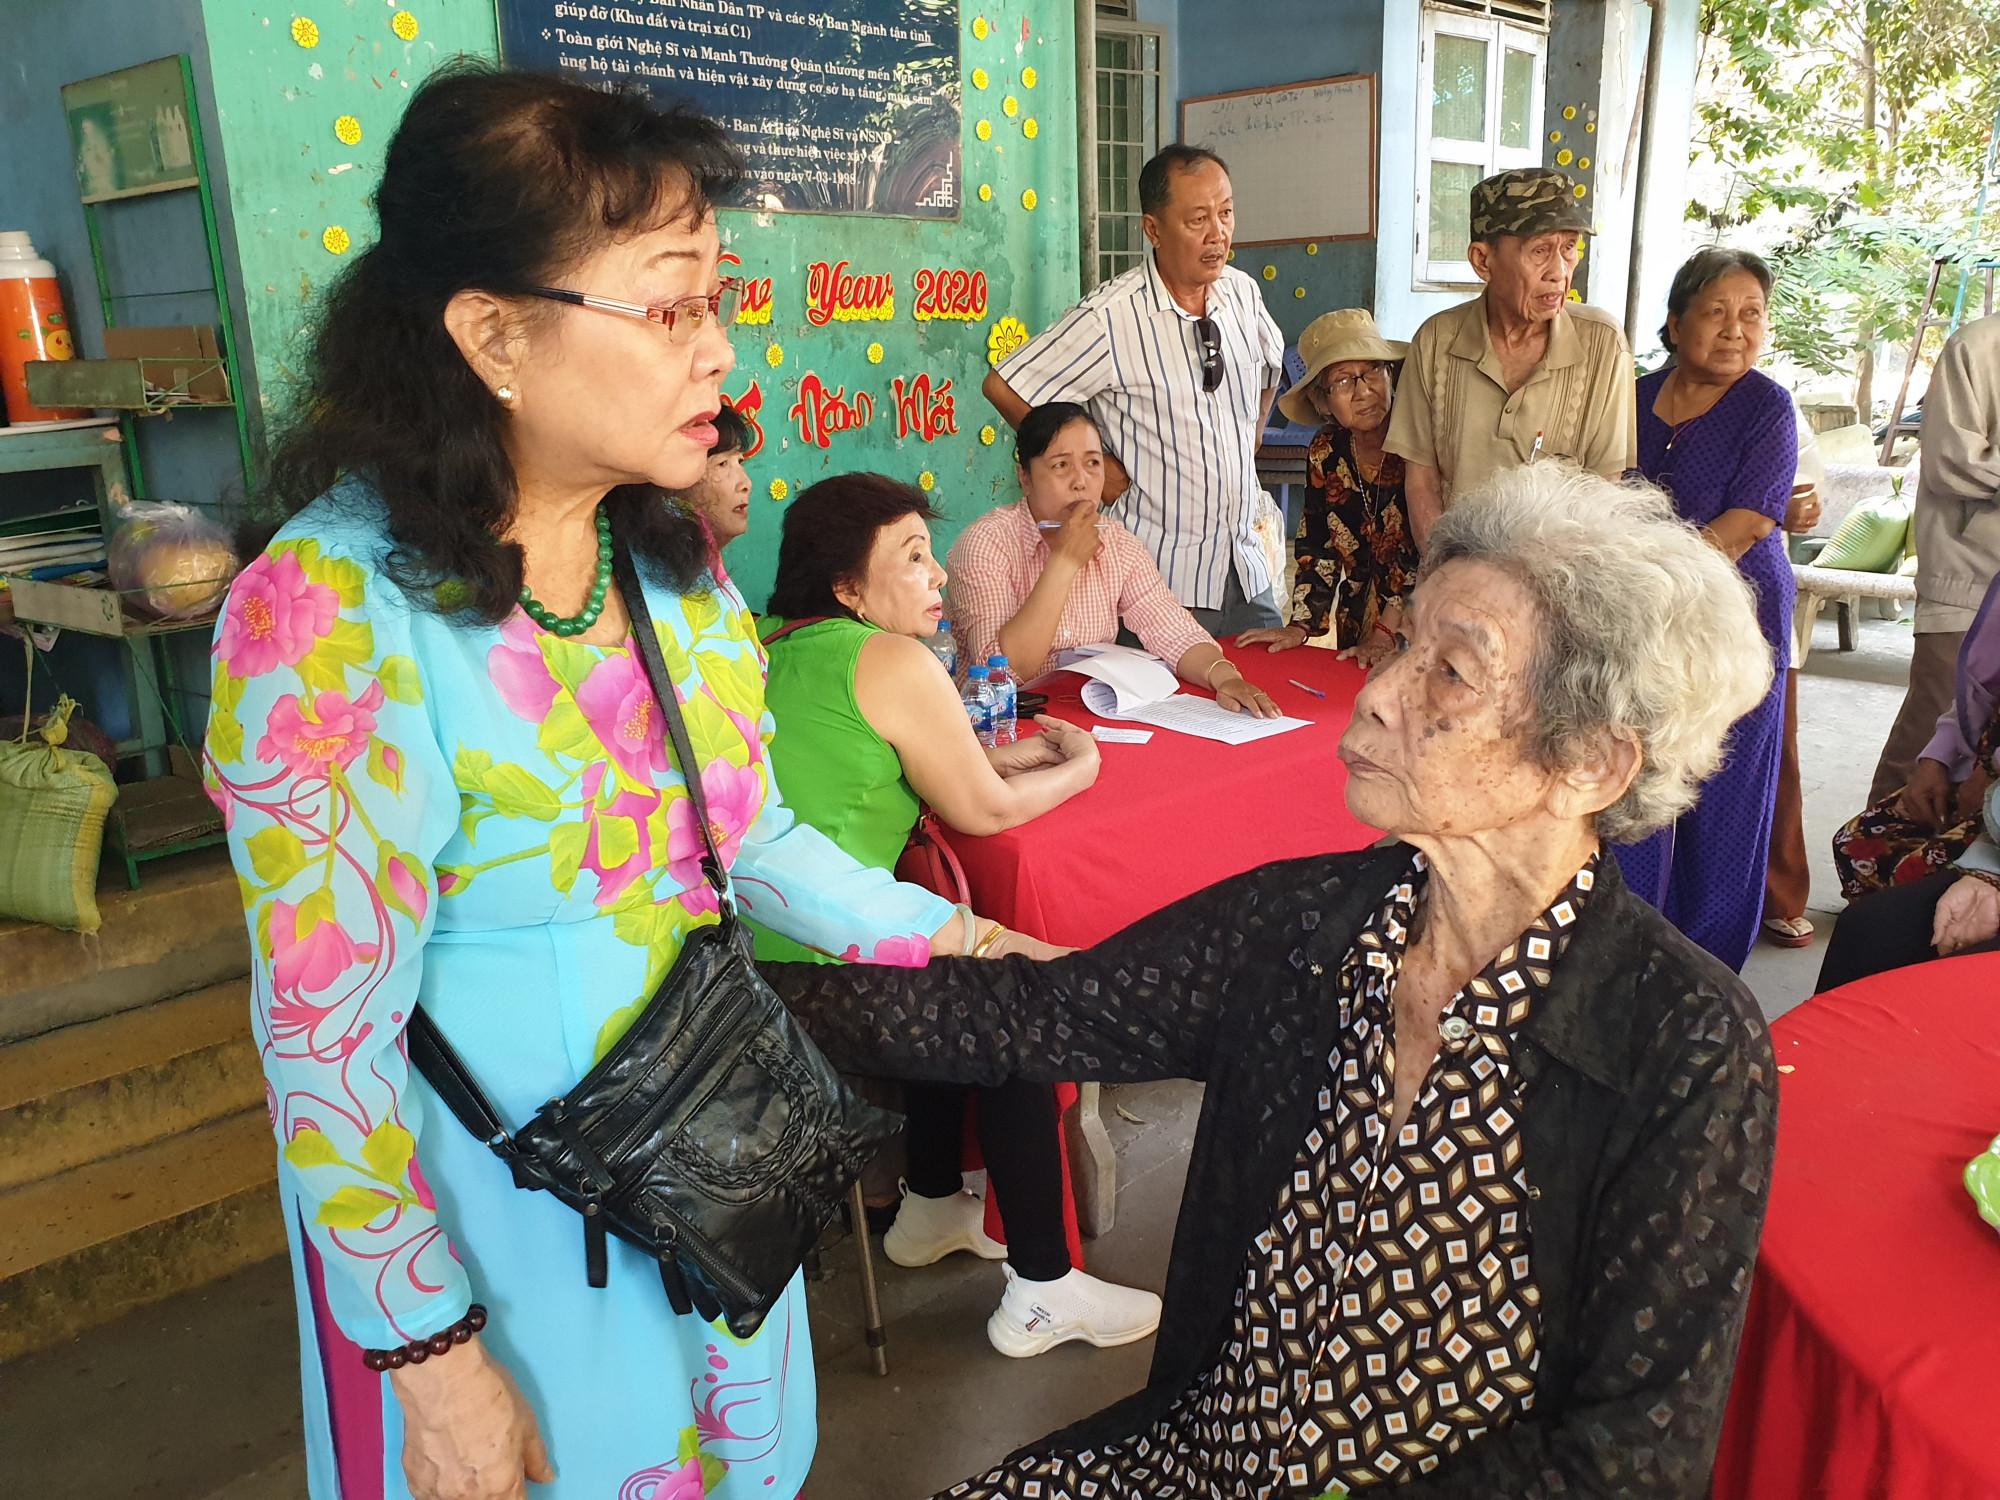 NSƯT Thanh Dậu say sưa nhắc kỷ niệm thời ở Đoàn cải lương Nam bộ với bà Thanh Thủy - nhân viên phục trang hóa trang của đoàn